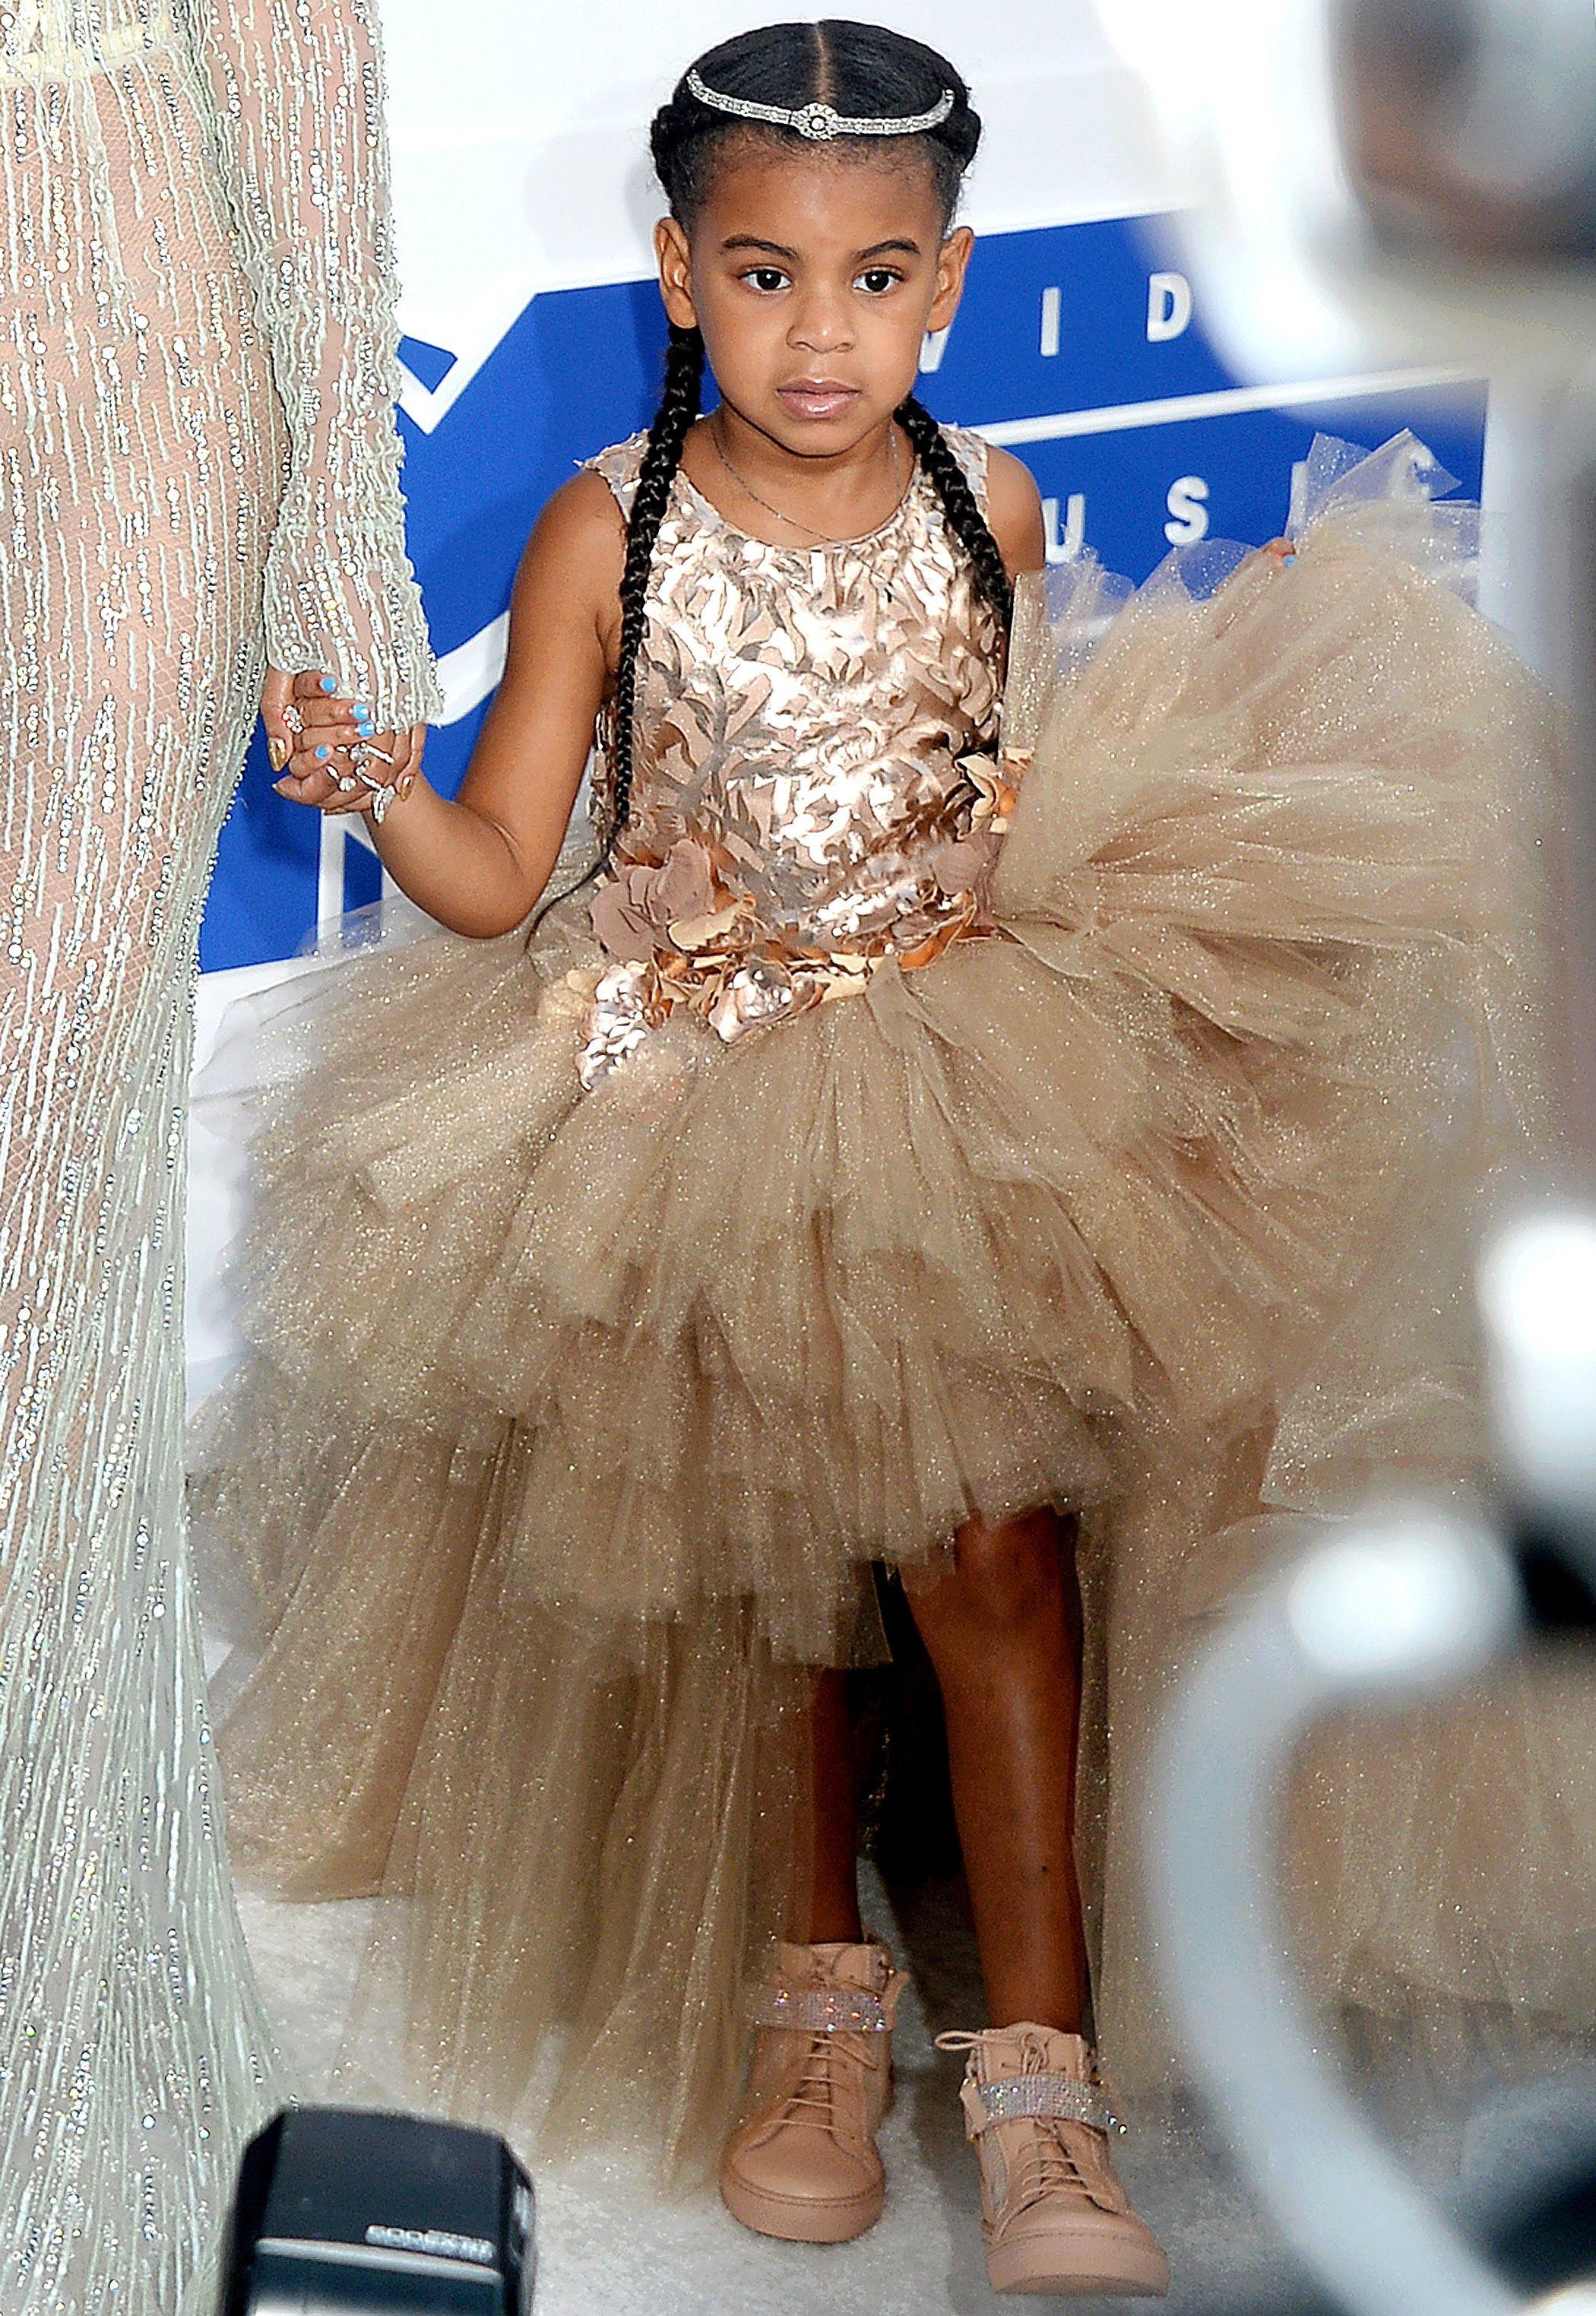 Blue Ivy Carter wore an $11,000 dress to the VMAs